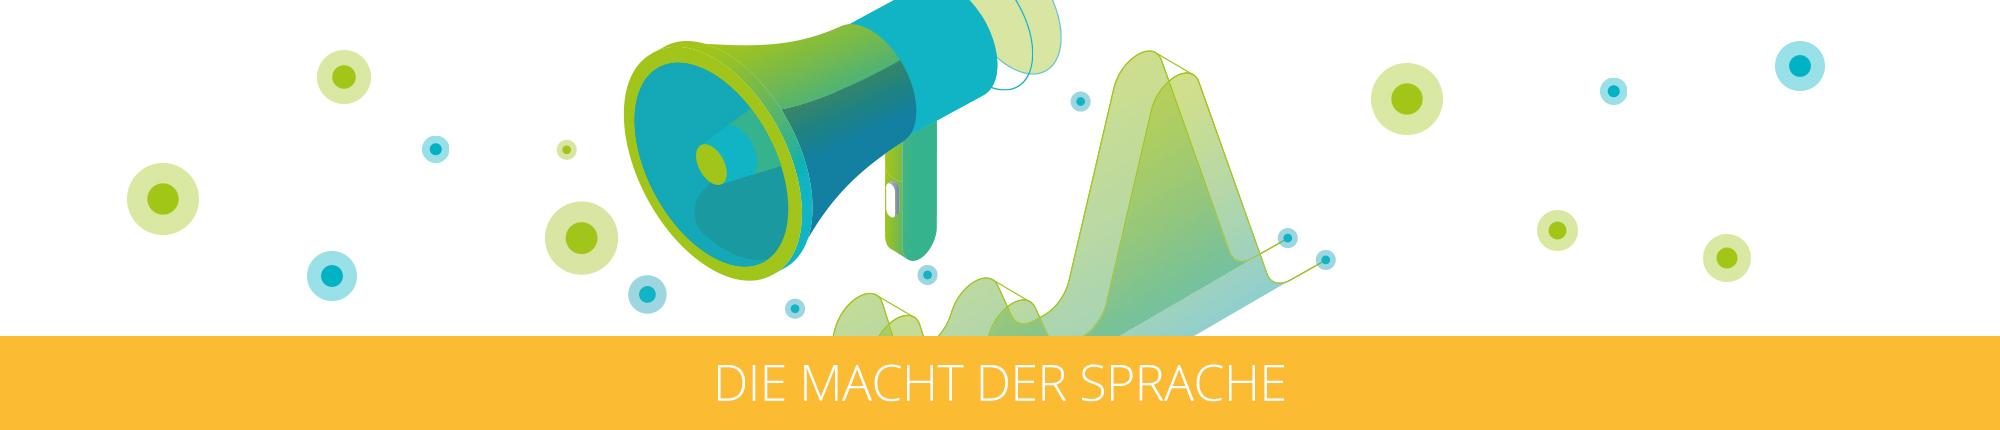 Werbung und Infos per Sprachassistent - für Händler am POS